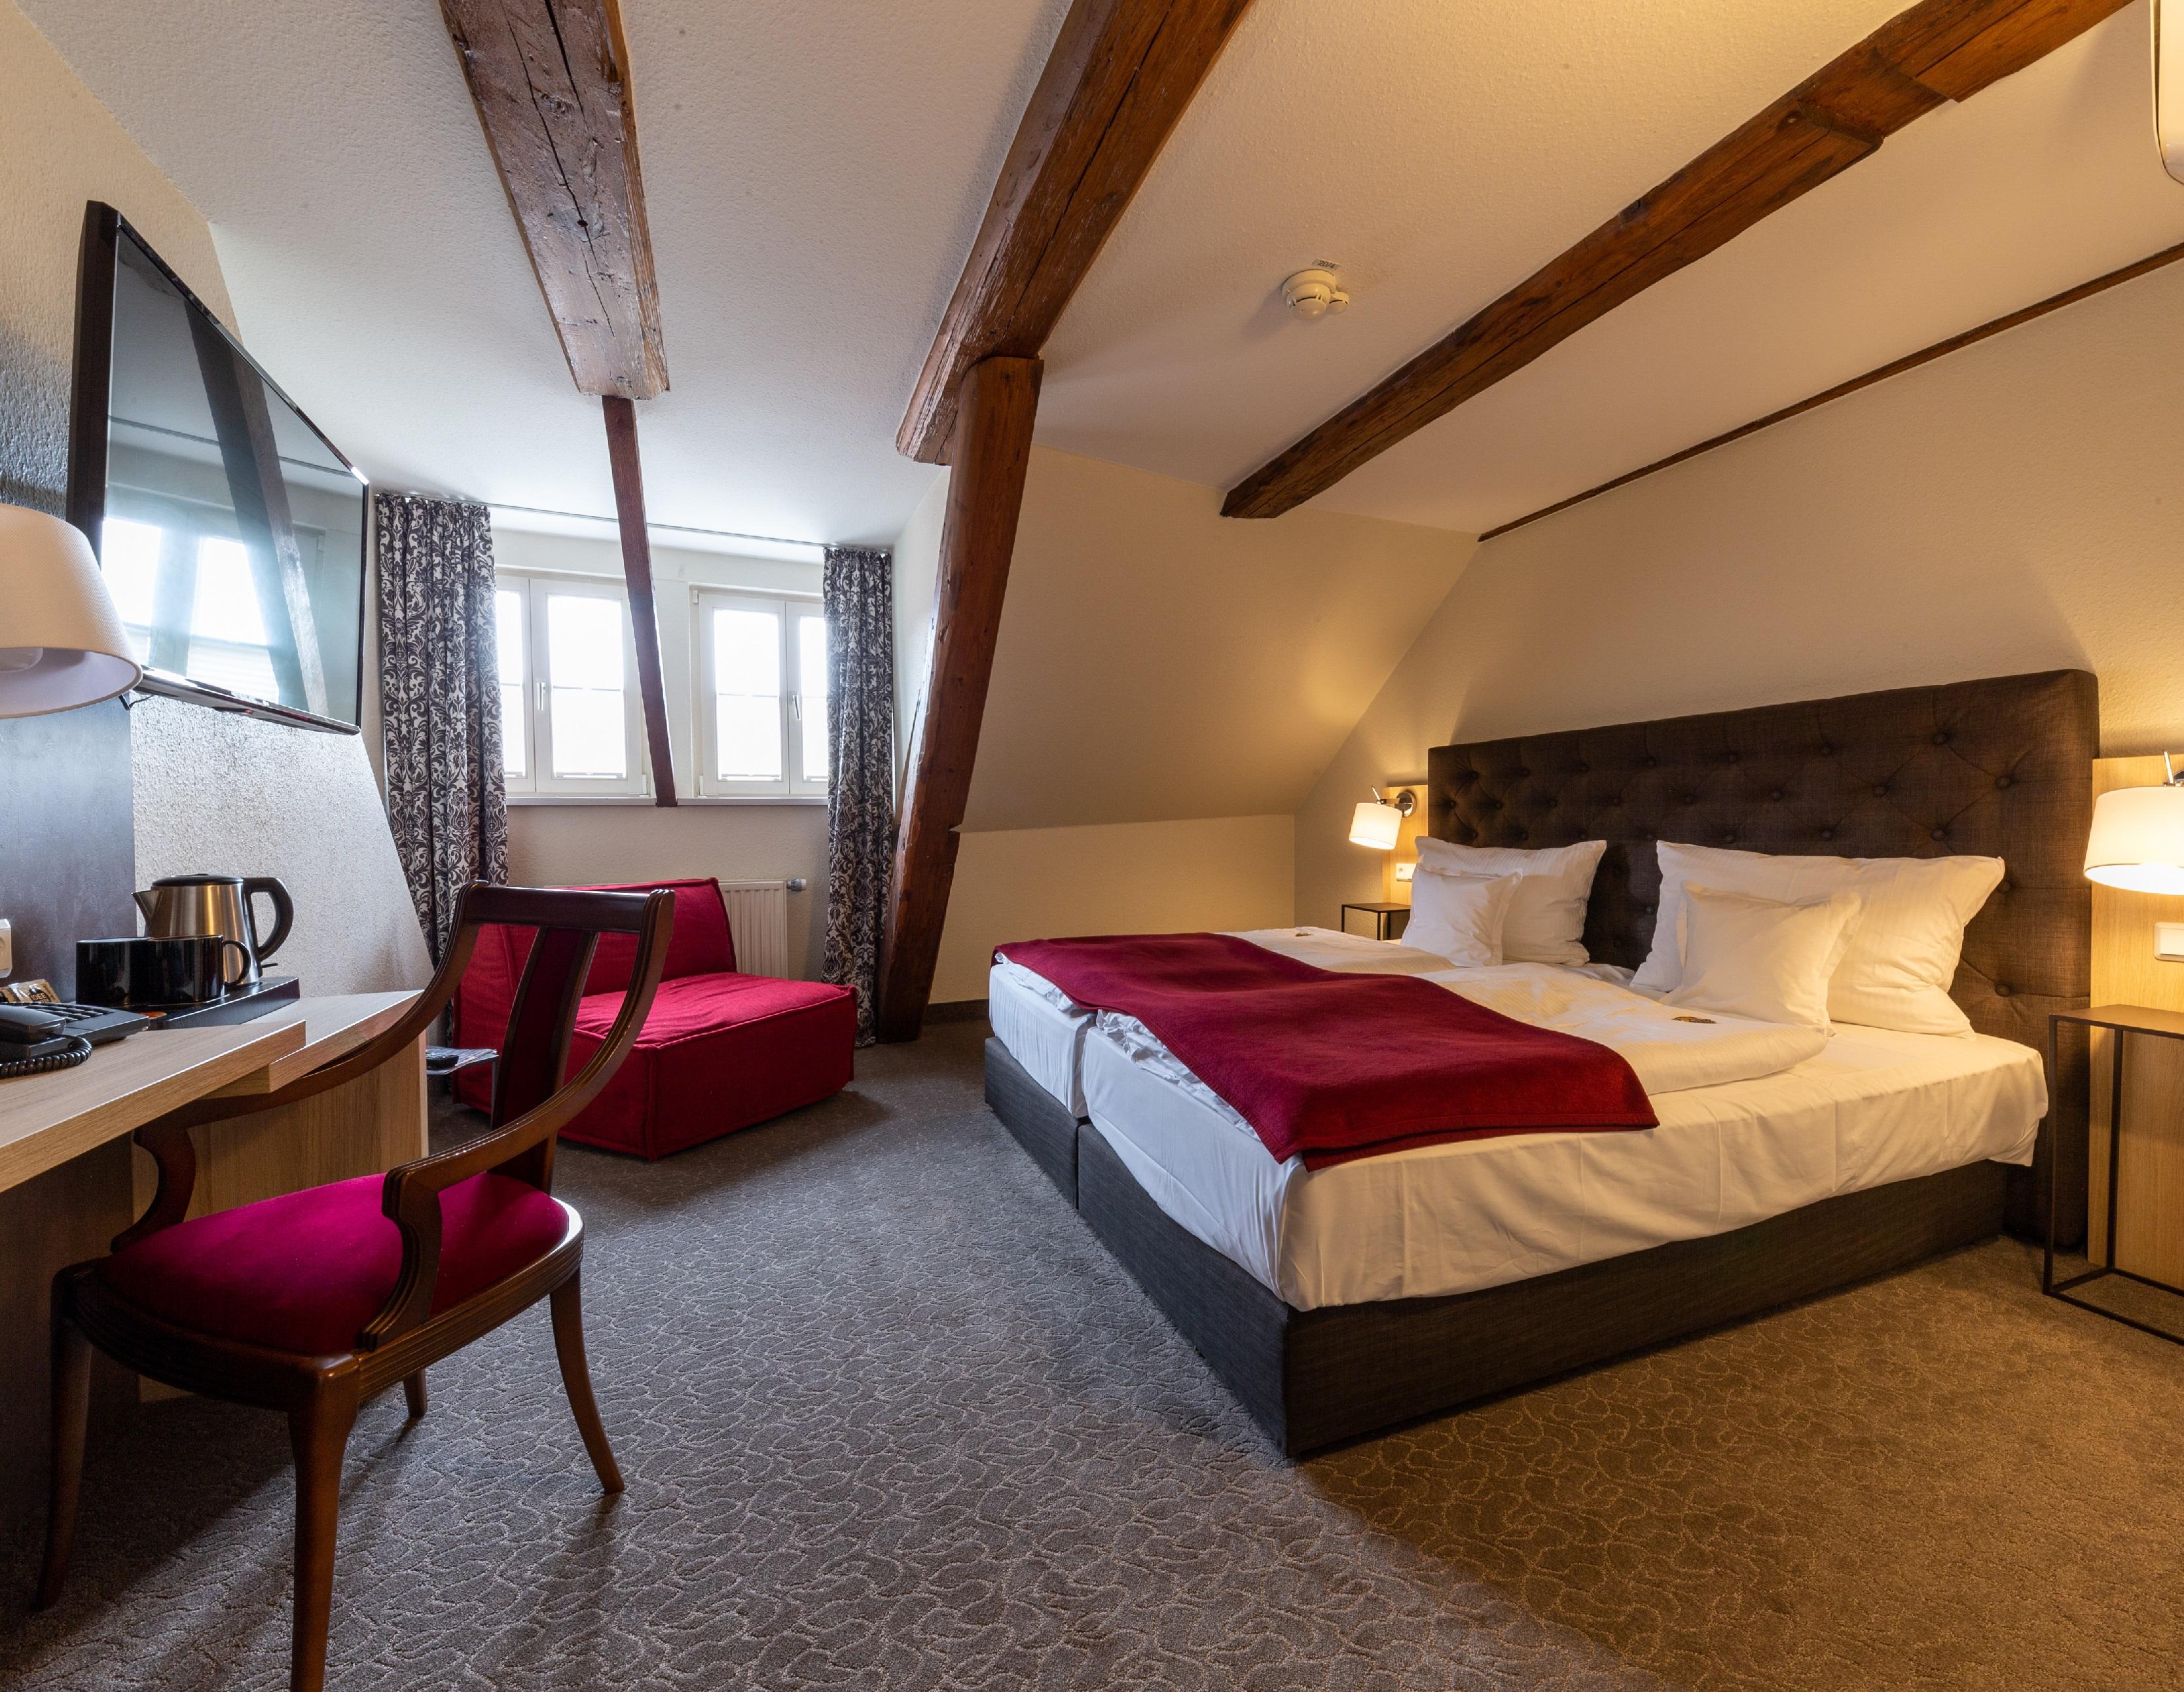 BEST WESTERN Hotel Schlossmühle in Quedlinburg - Doppelzimmer komfort im Altbau